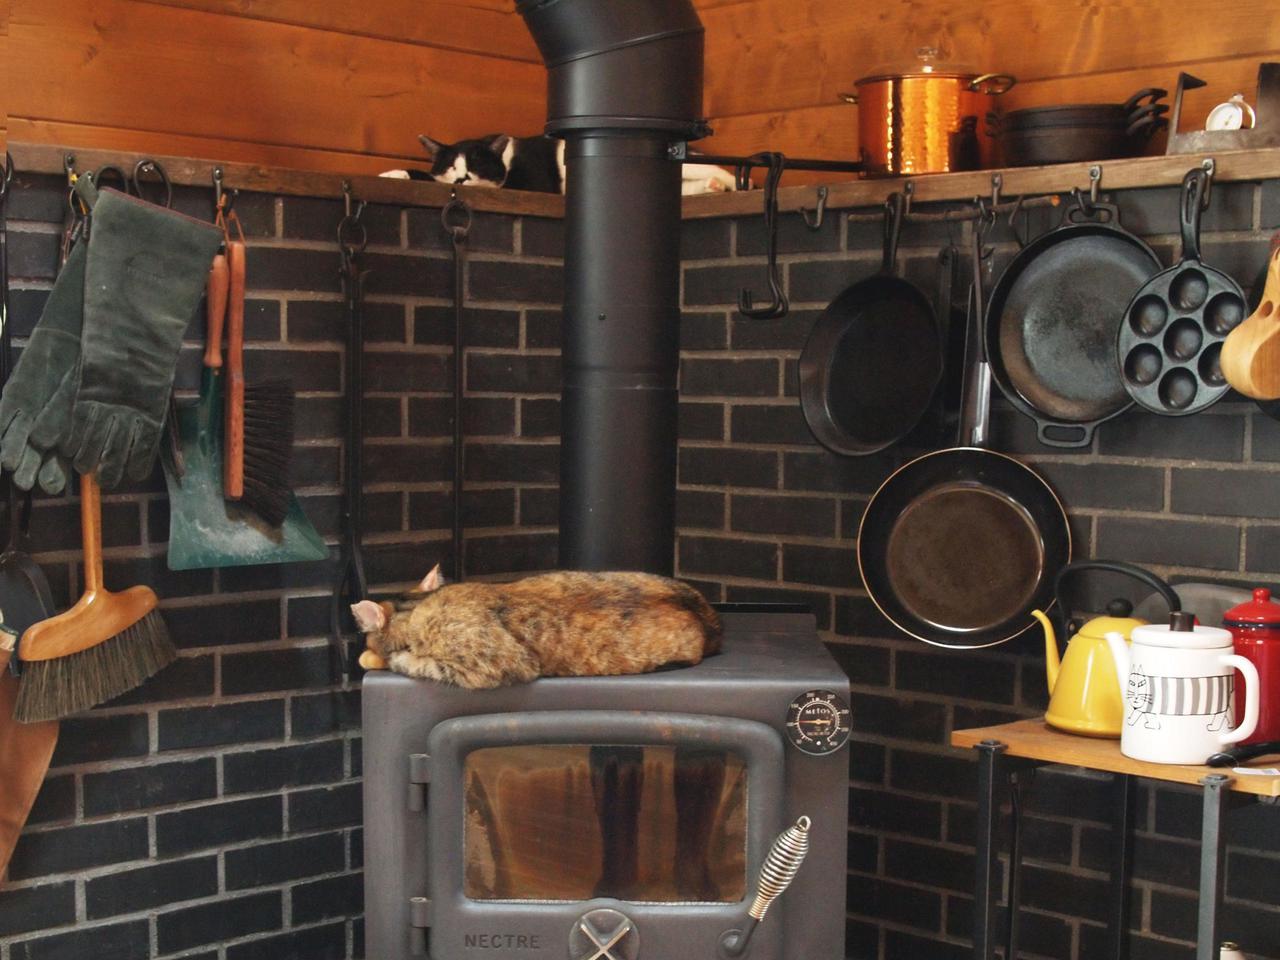 画像: 夏はひんやりしている耐火レンガと薪ストーブの二段ベッドでペターっと寝ているハナとトラ